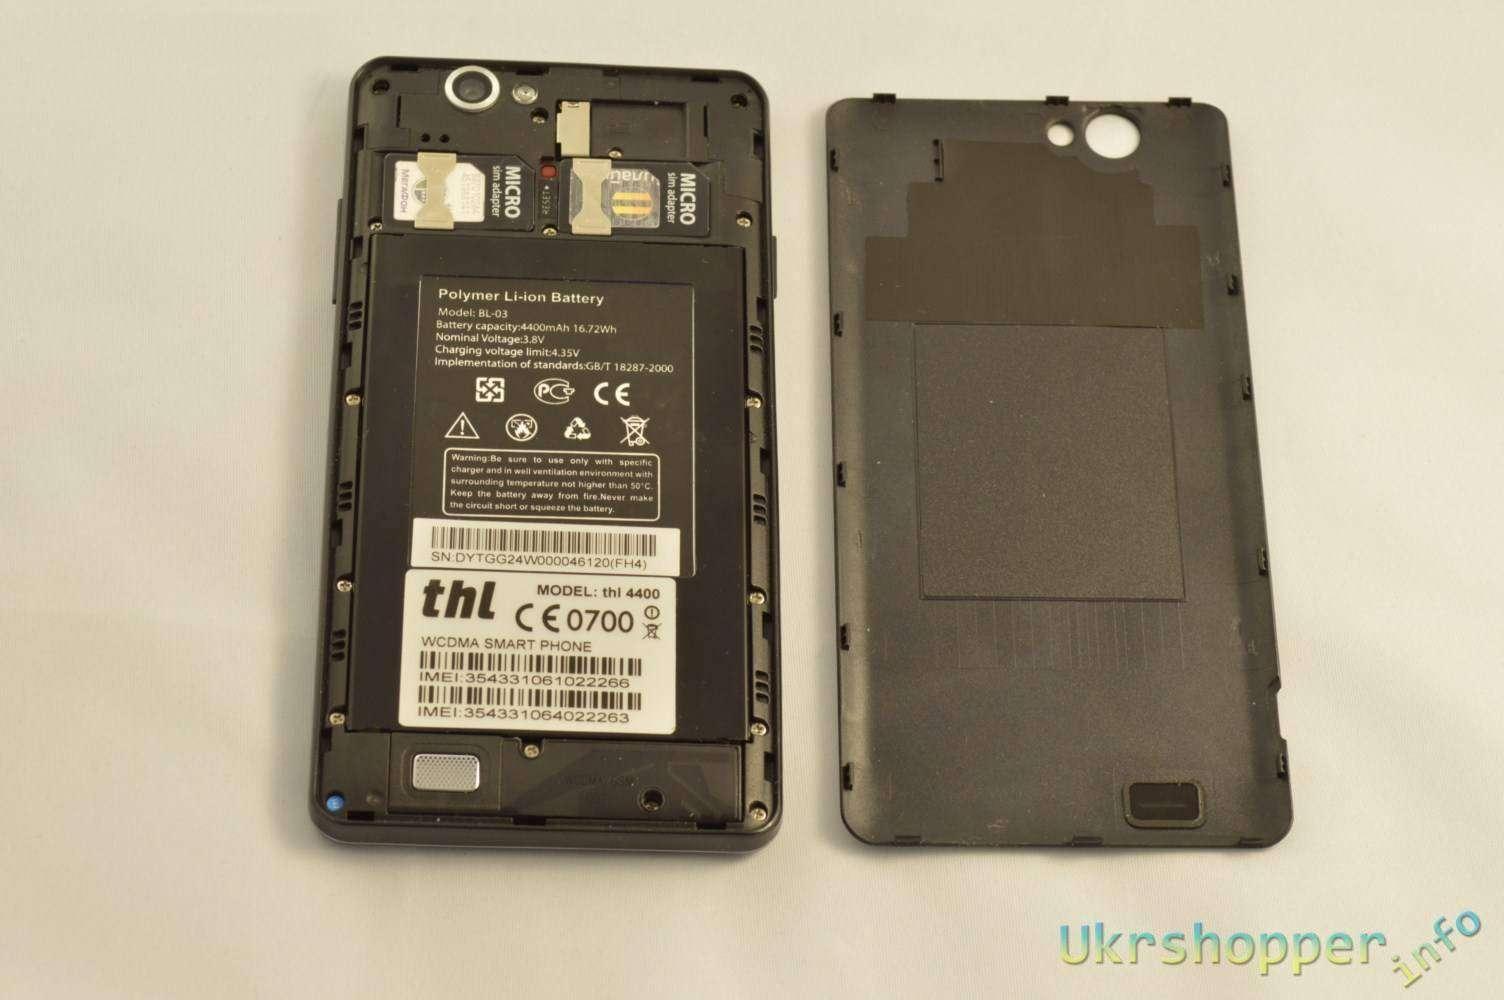 CooliCool: Обзор смартфона ThL 4400 или счастливый долгожитель